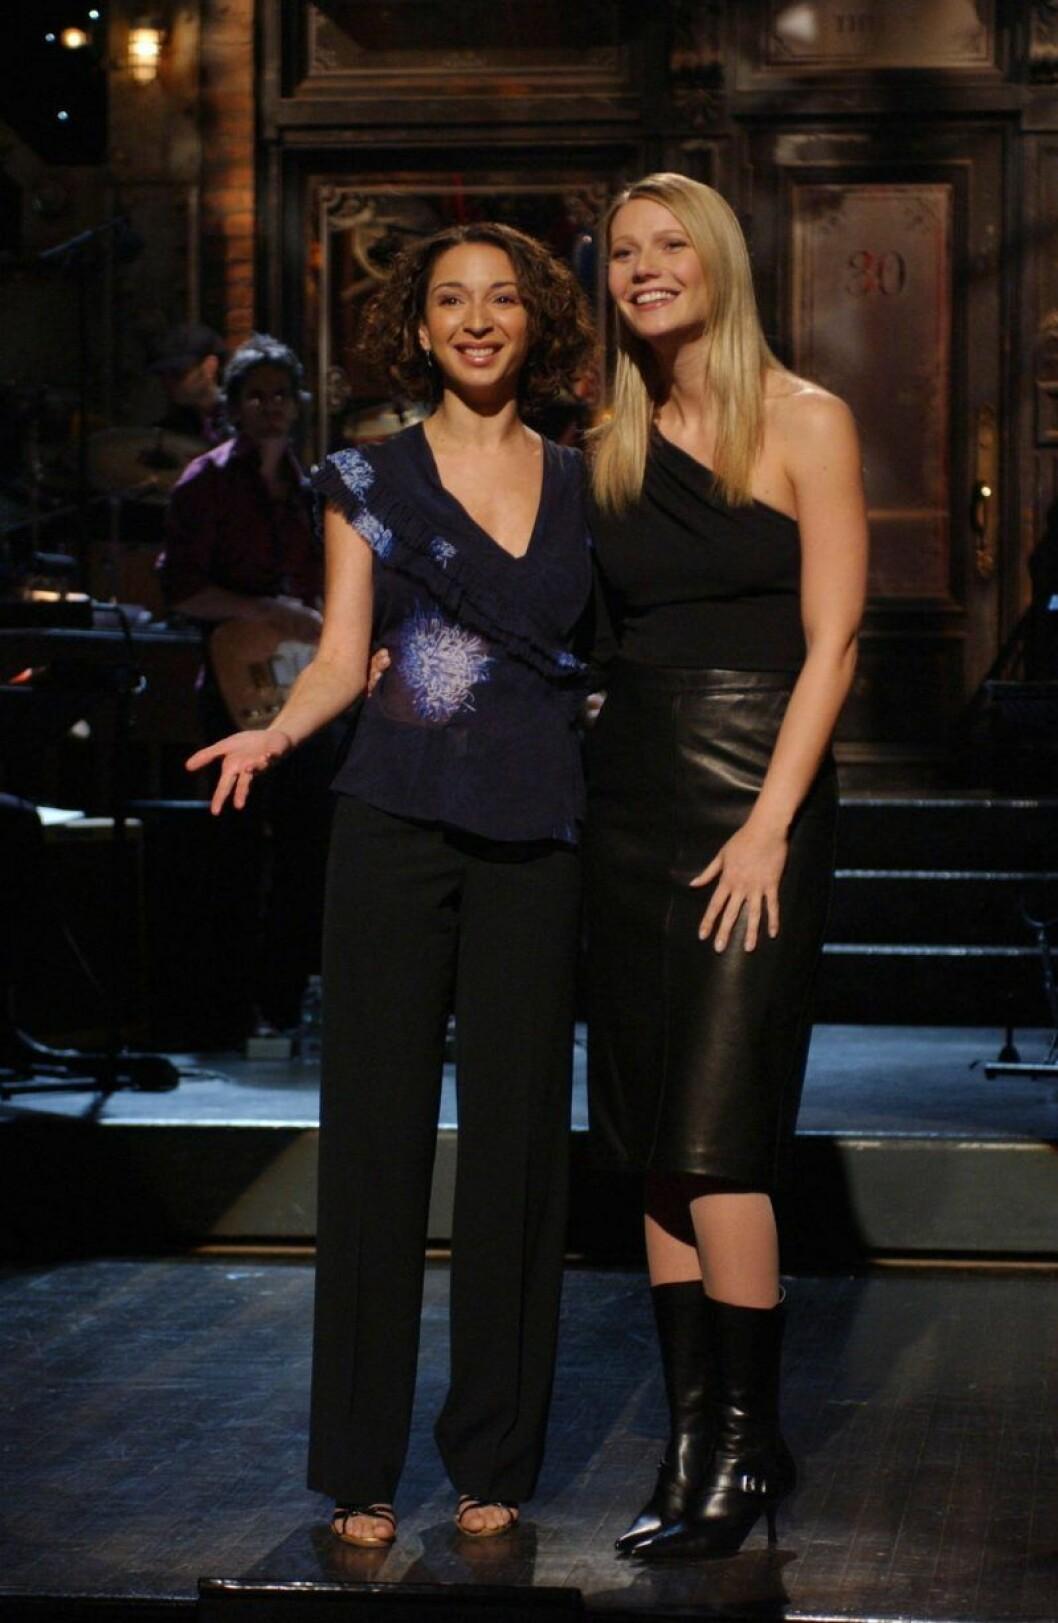 Maya Rudolph och Gwyneth Paltrow när de medverkade i Saturday Night Live år 2001.